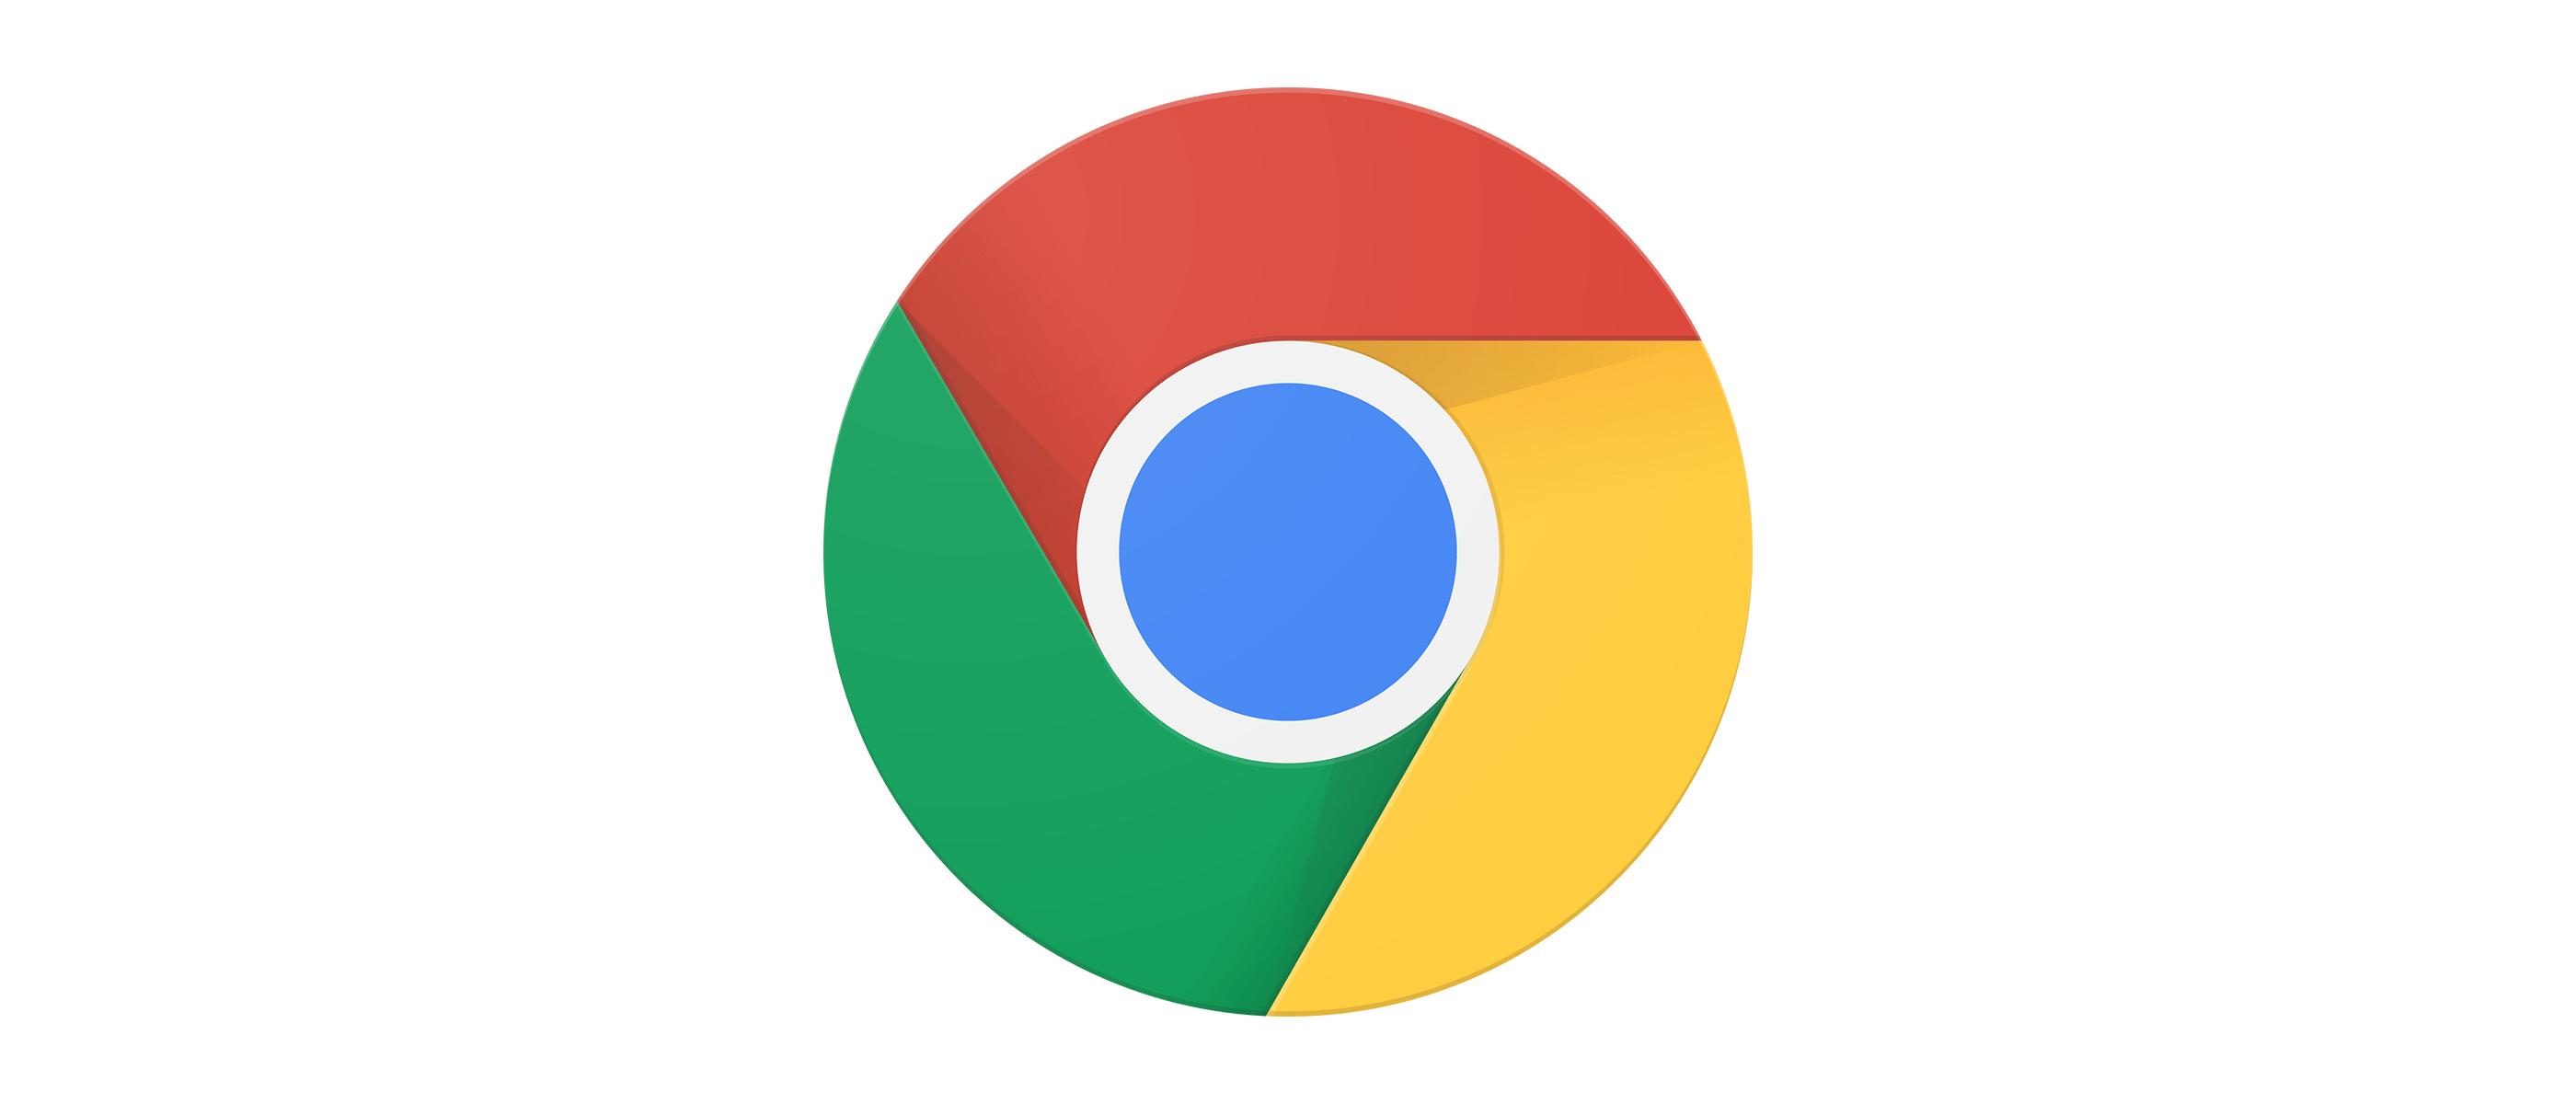 Meine Top 5 Chrome Erweiterungen